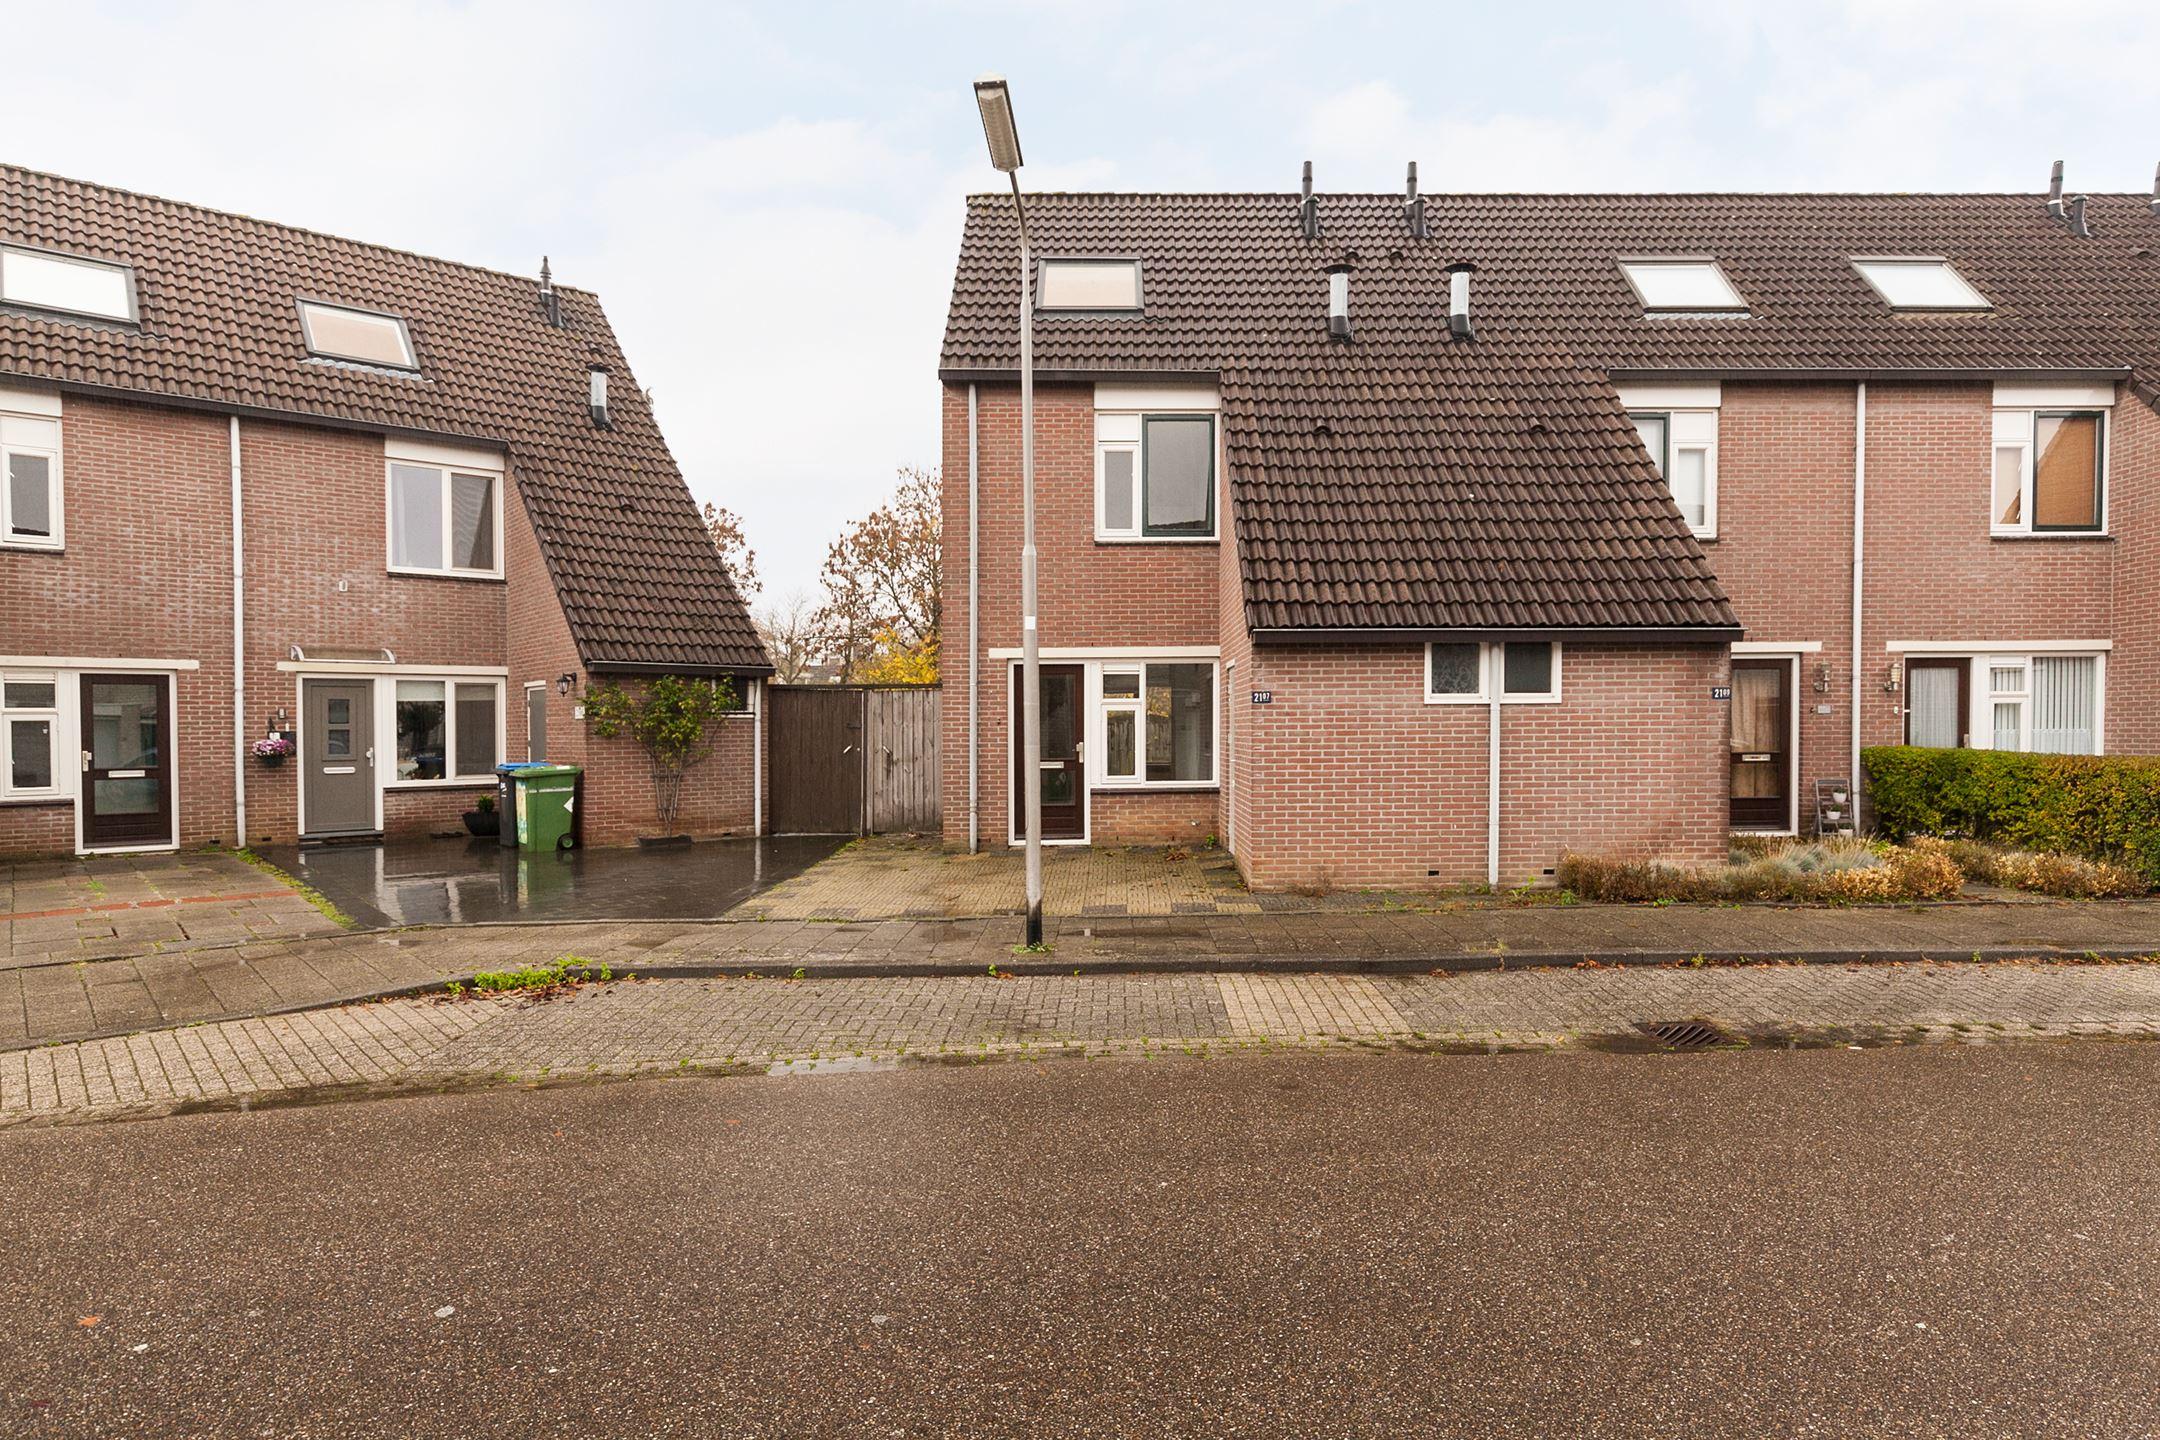 Huis te koop horstacker 2107 6546 ge nijmegen funda for Woning te koop nijmegen